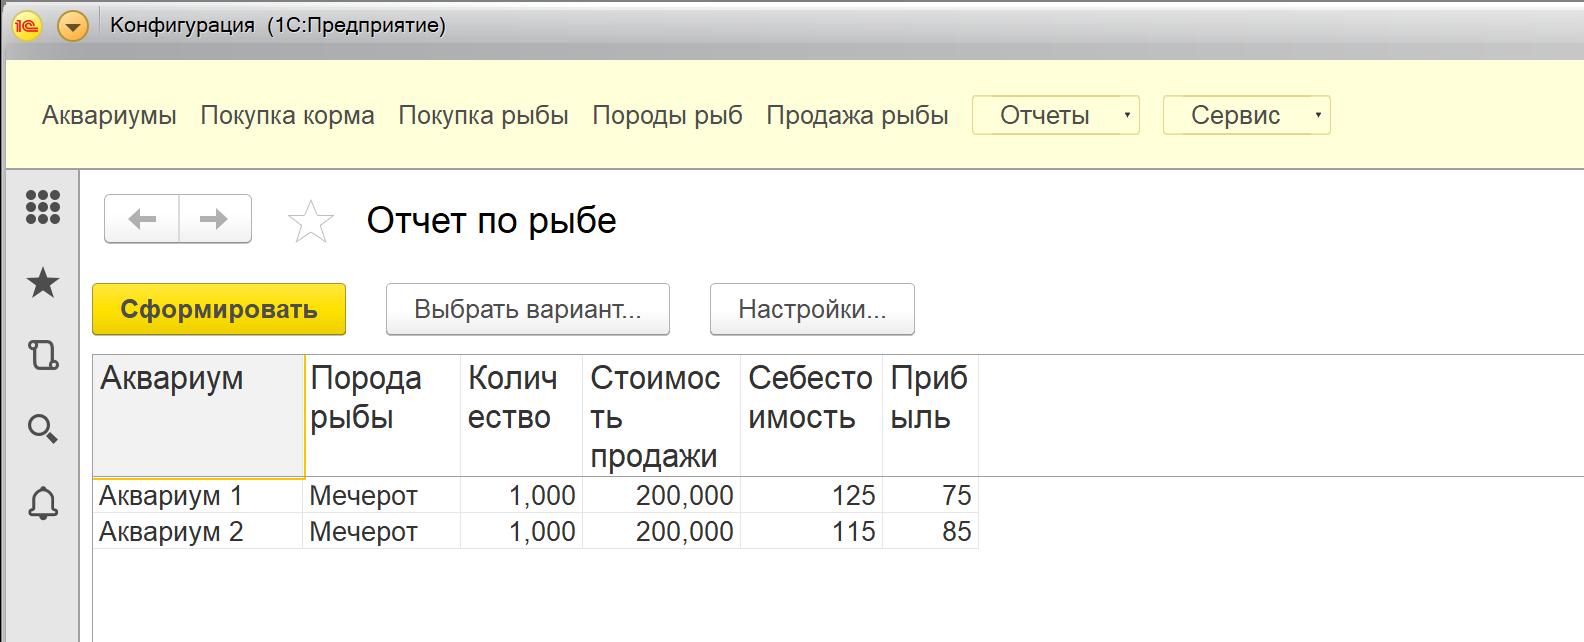 Как проверить программиста 1с при приеме на работу 1с скачать бухгалтерия скачать бесплатно